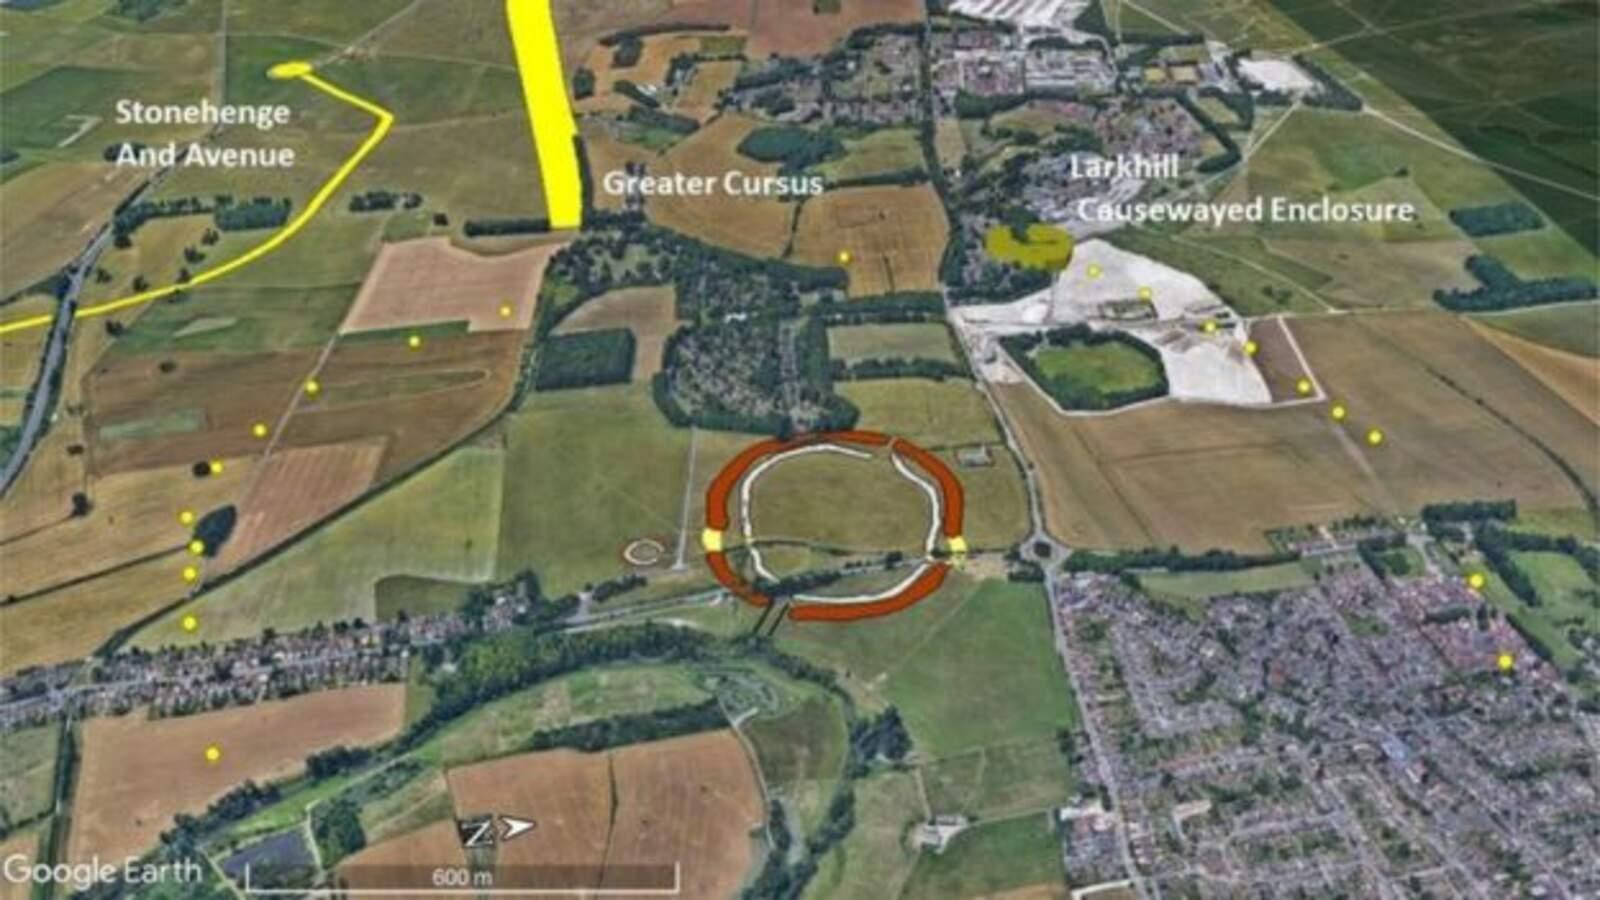 Durrington Walls (vermell) amb el cercle de pous trobat al seu voltant (groc) i Stonehenge a dalt a l'esquerra